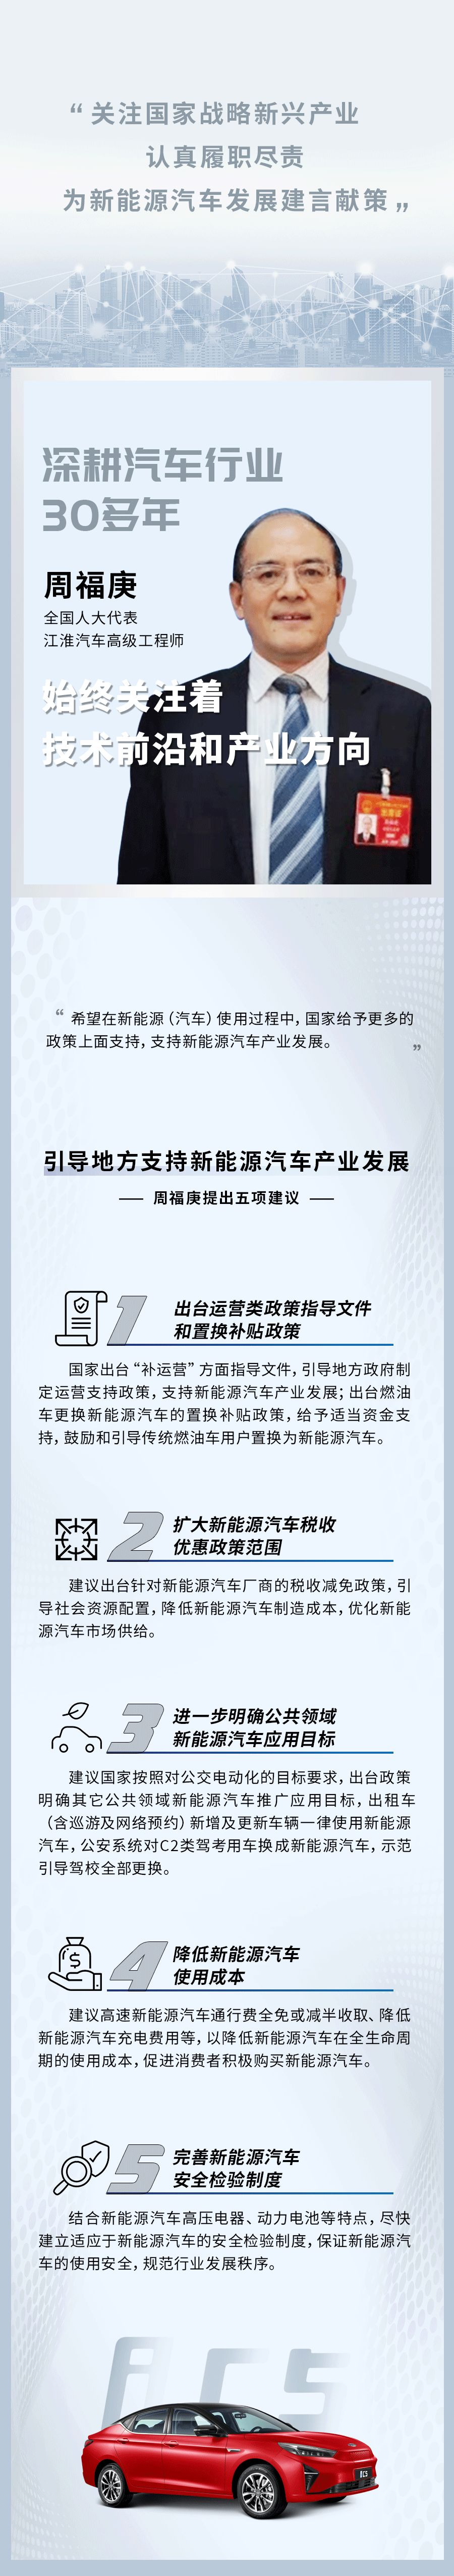 江淮汽车周福庚:建议降低新能源汽车使用成本